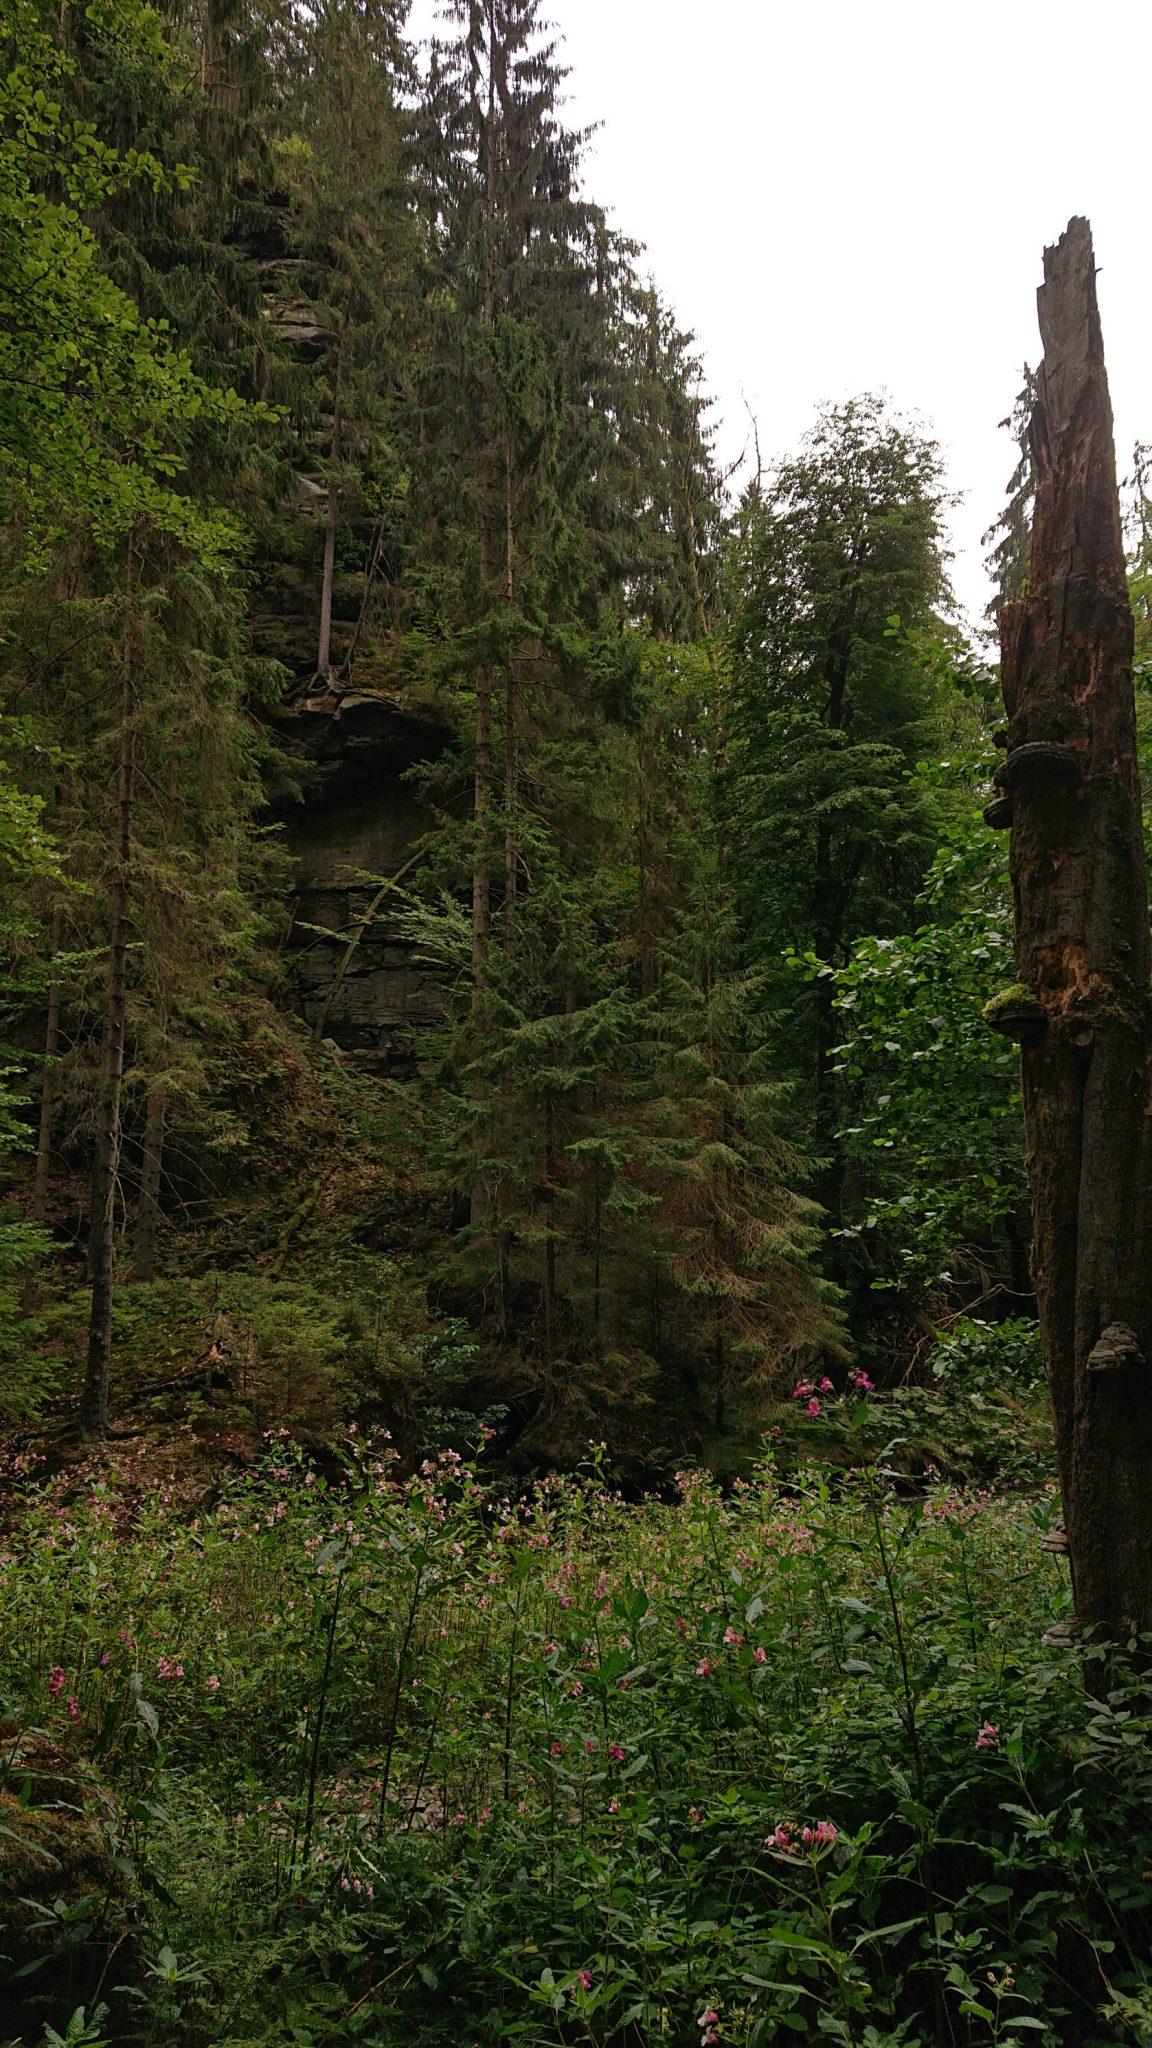 Wanderung durch Polenztal zur Bastei und zu Schwedenlöcher, Wanderweg im Polenztal, saftig grüner Wald, Weg neben Fluß Polenz, Wildblumen wachsen im Tal